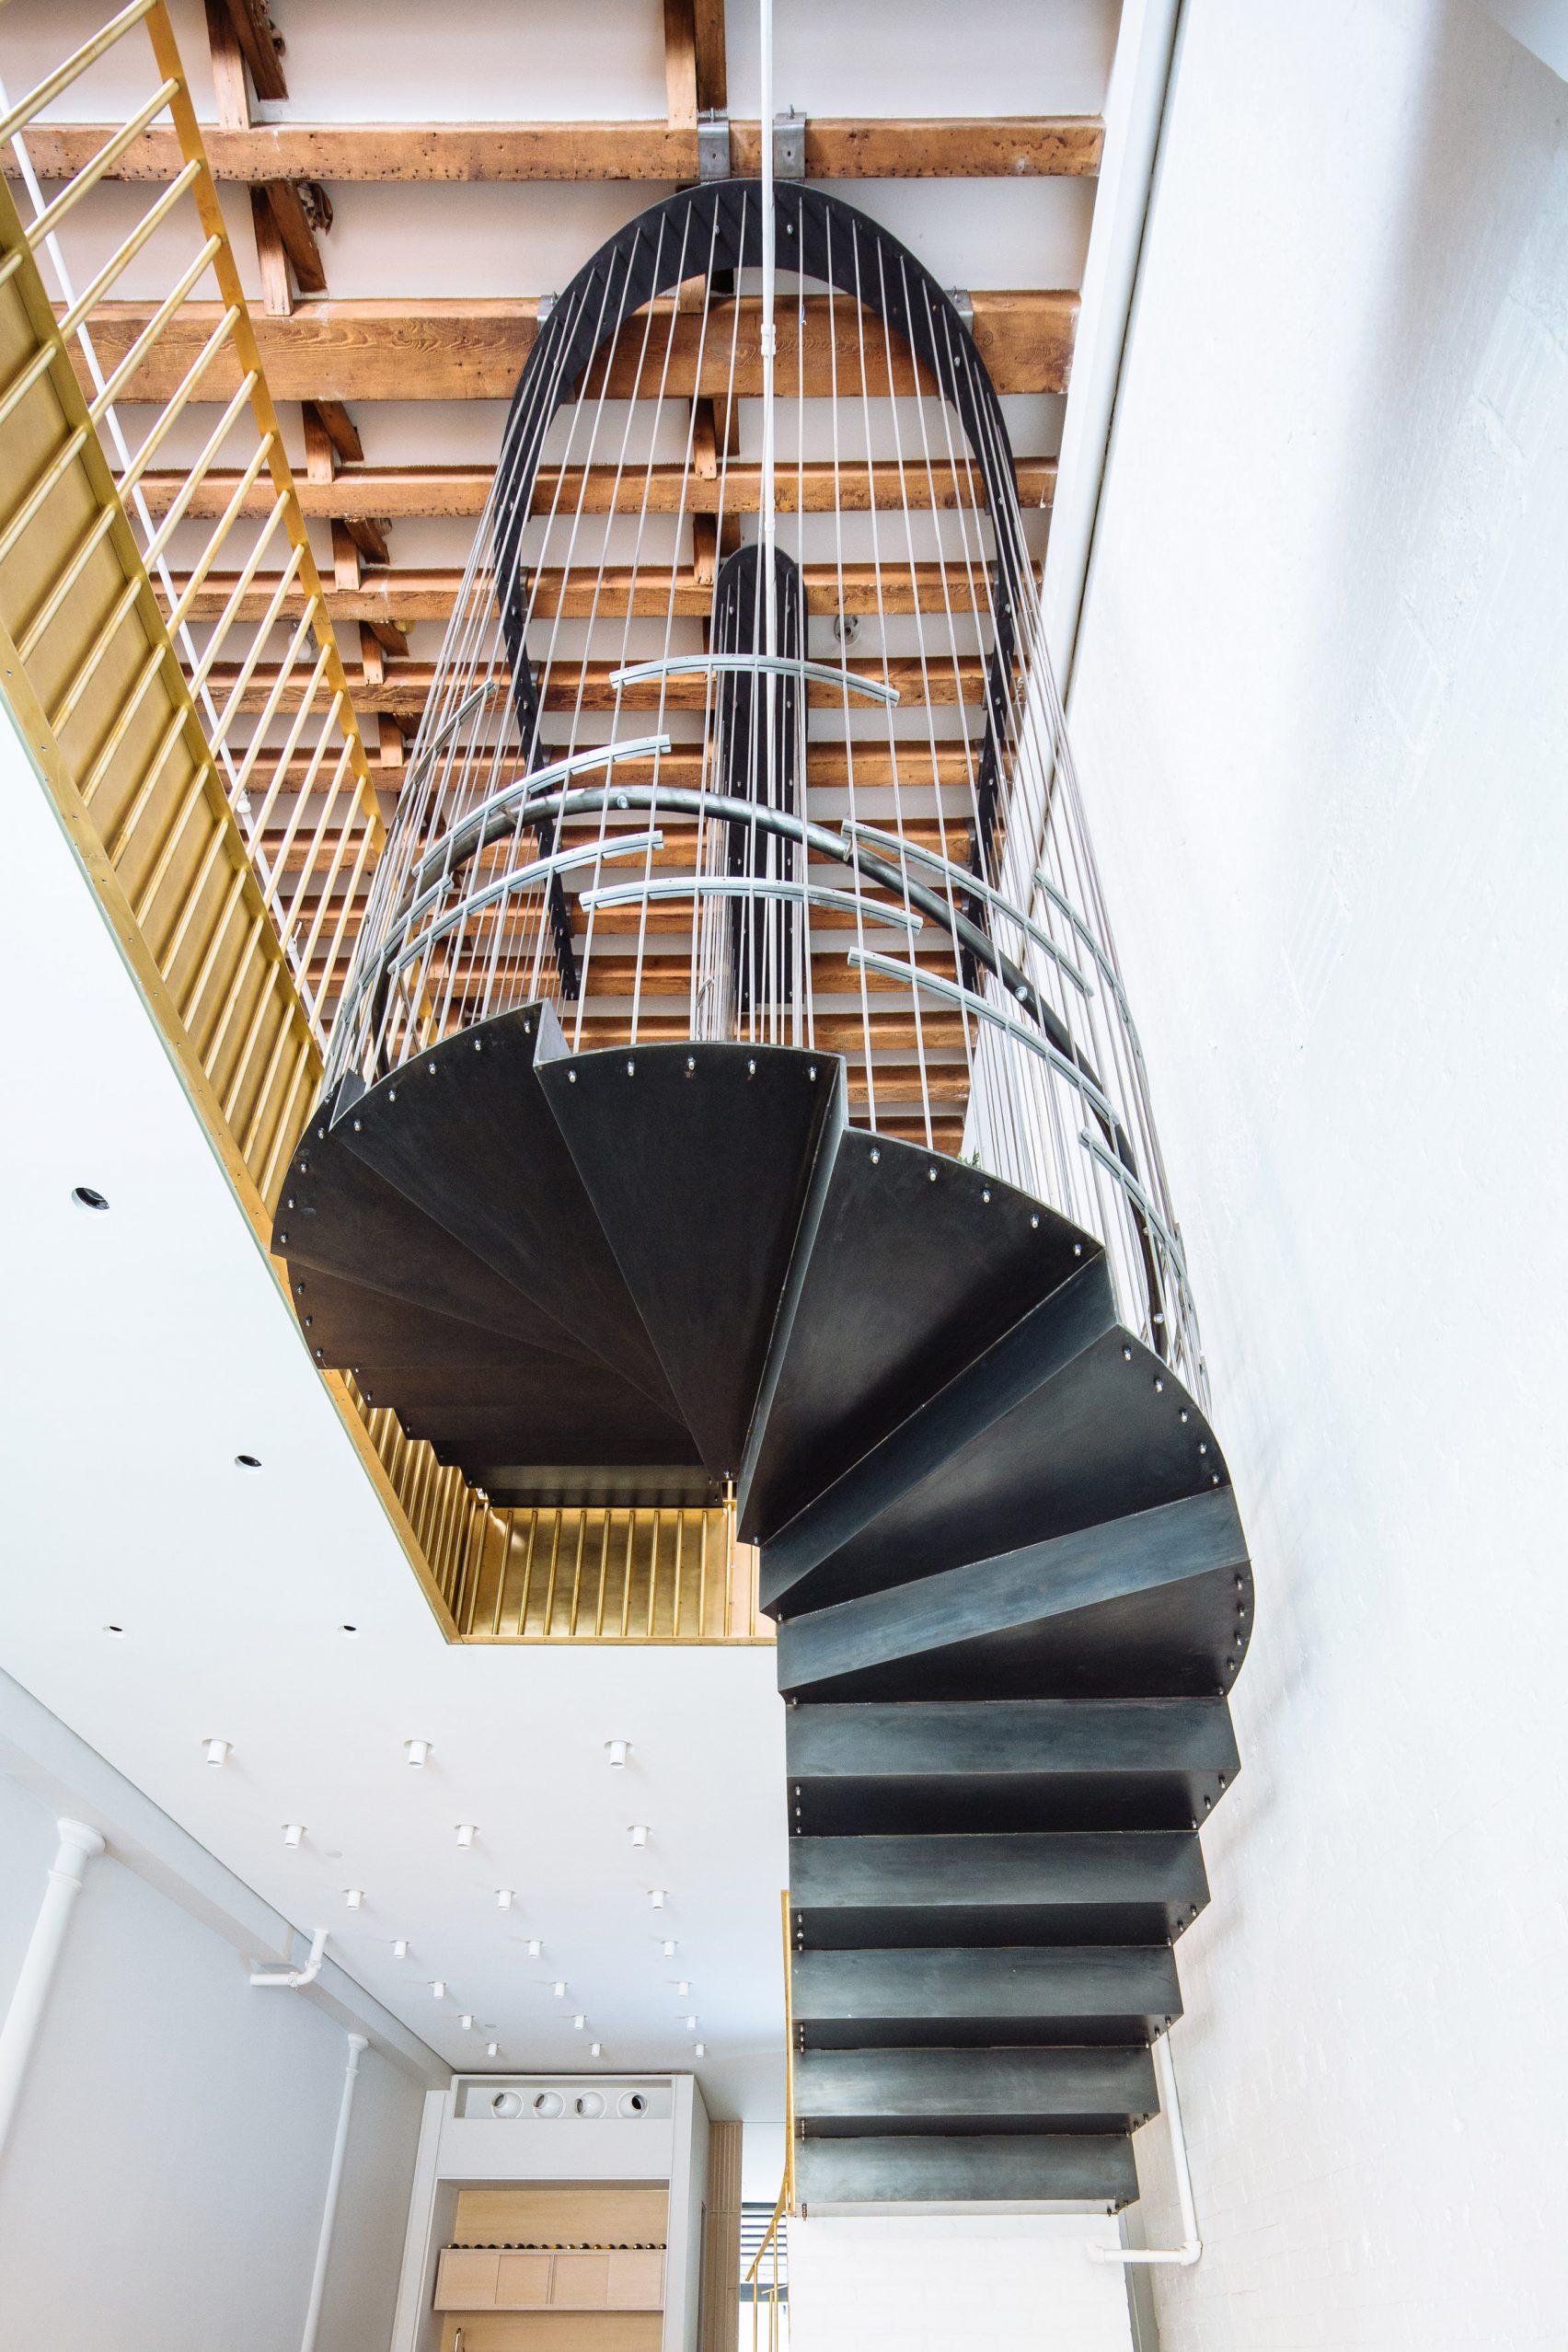 chiếc cầu thang 4